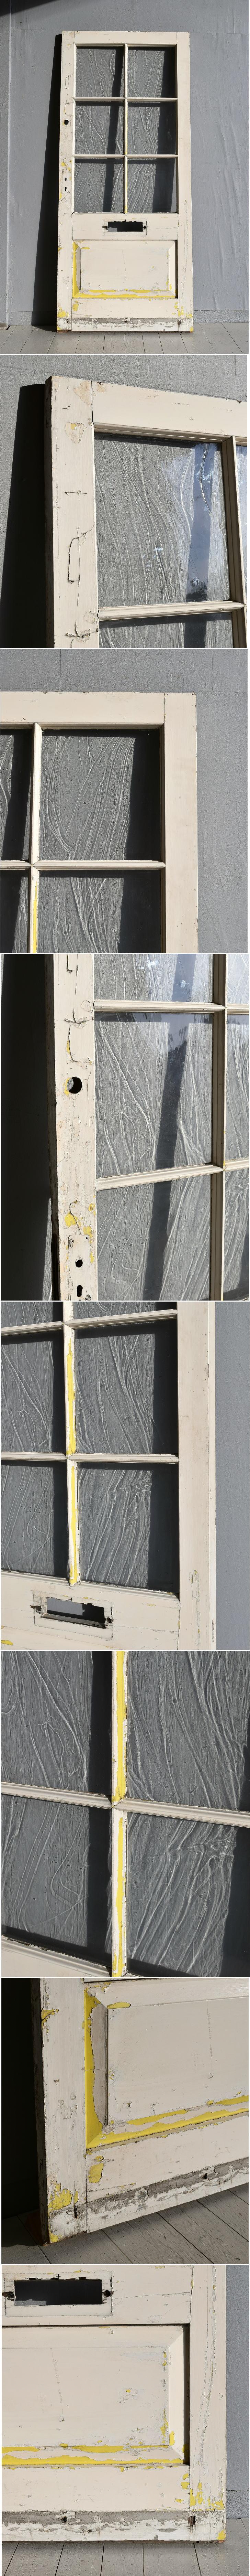 イギリス アンティーク ガラス ドア 扉 ディスプレイ 建具 7694